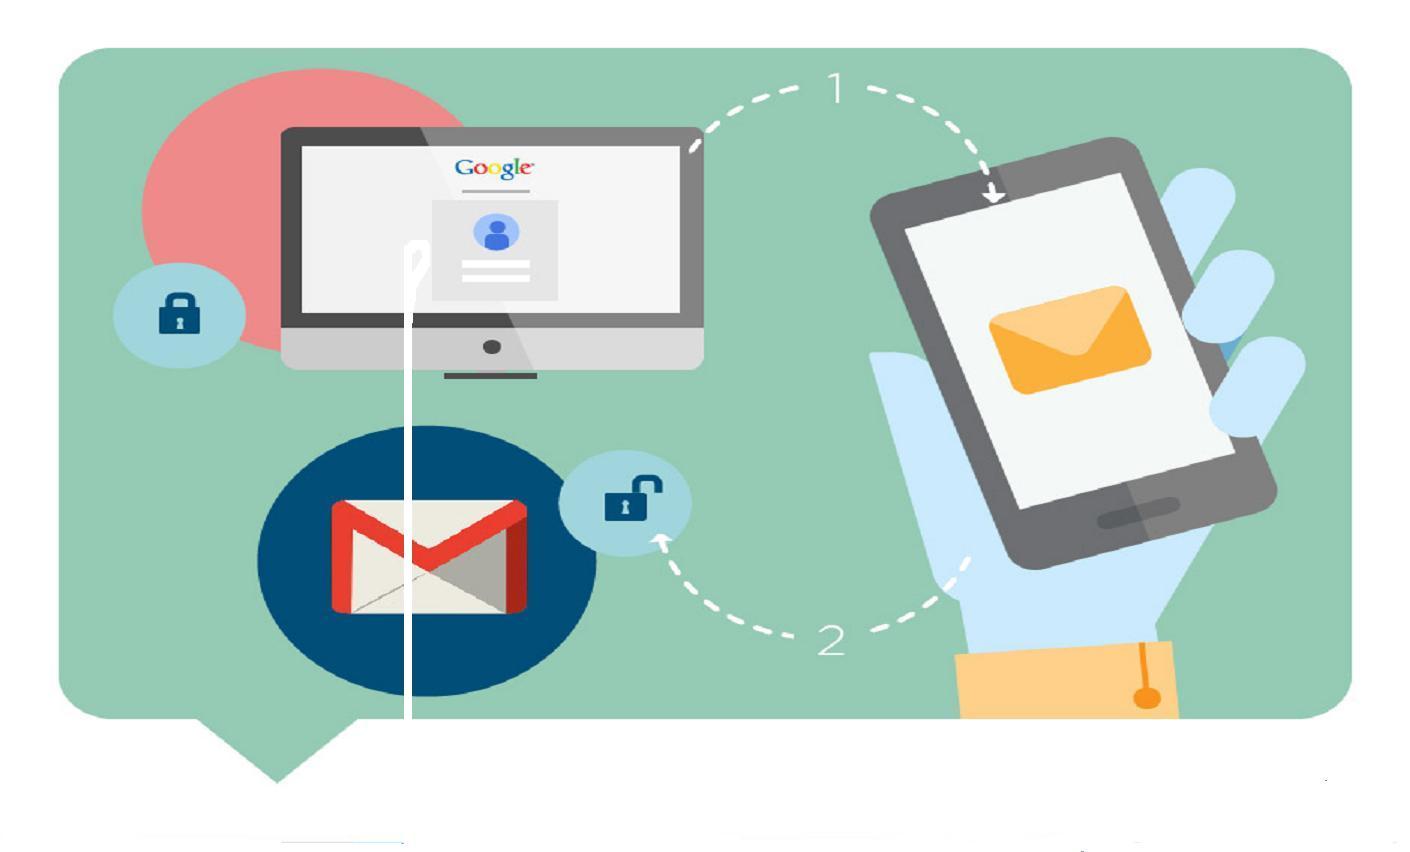 Hướng dẫn cách đăng nhập gmail bằng điện thoại